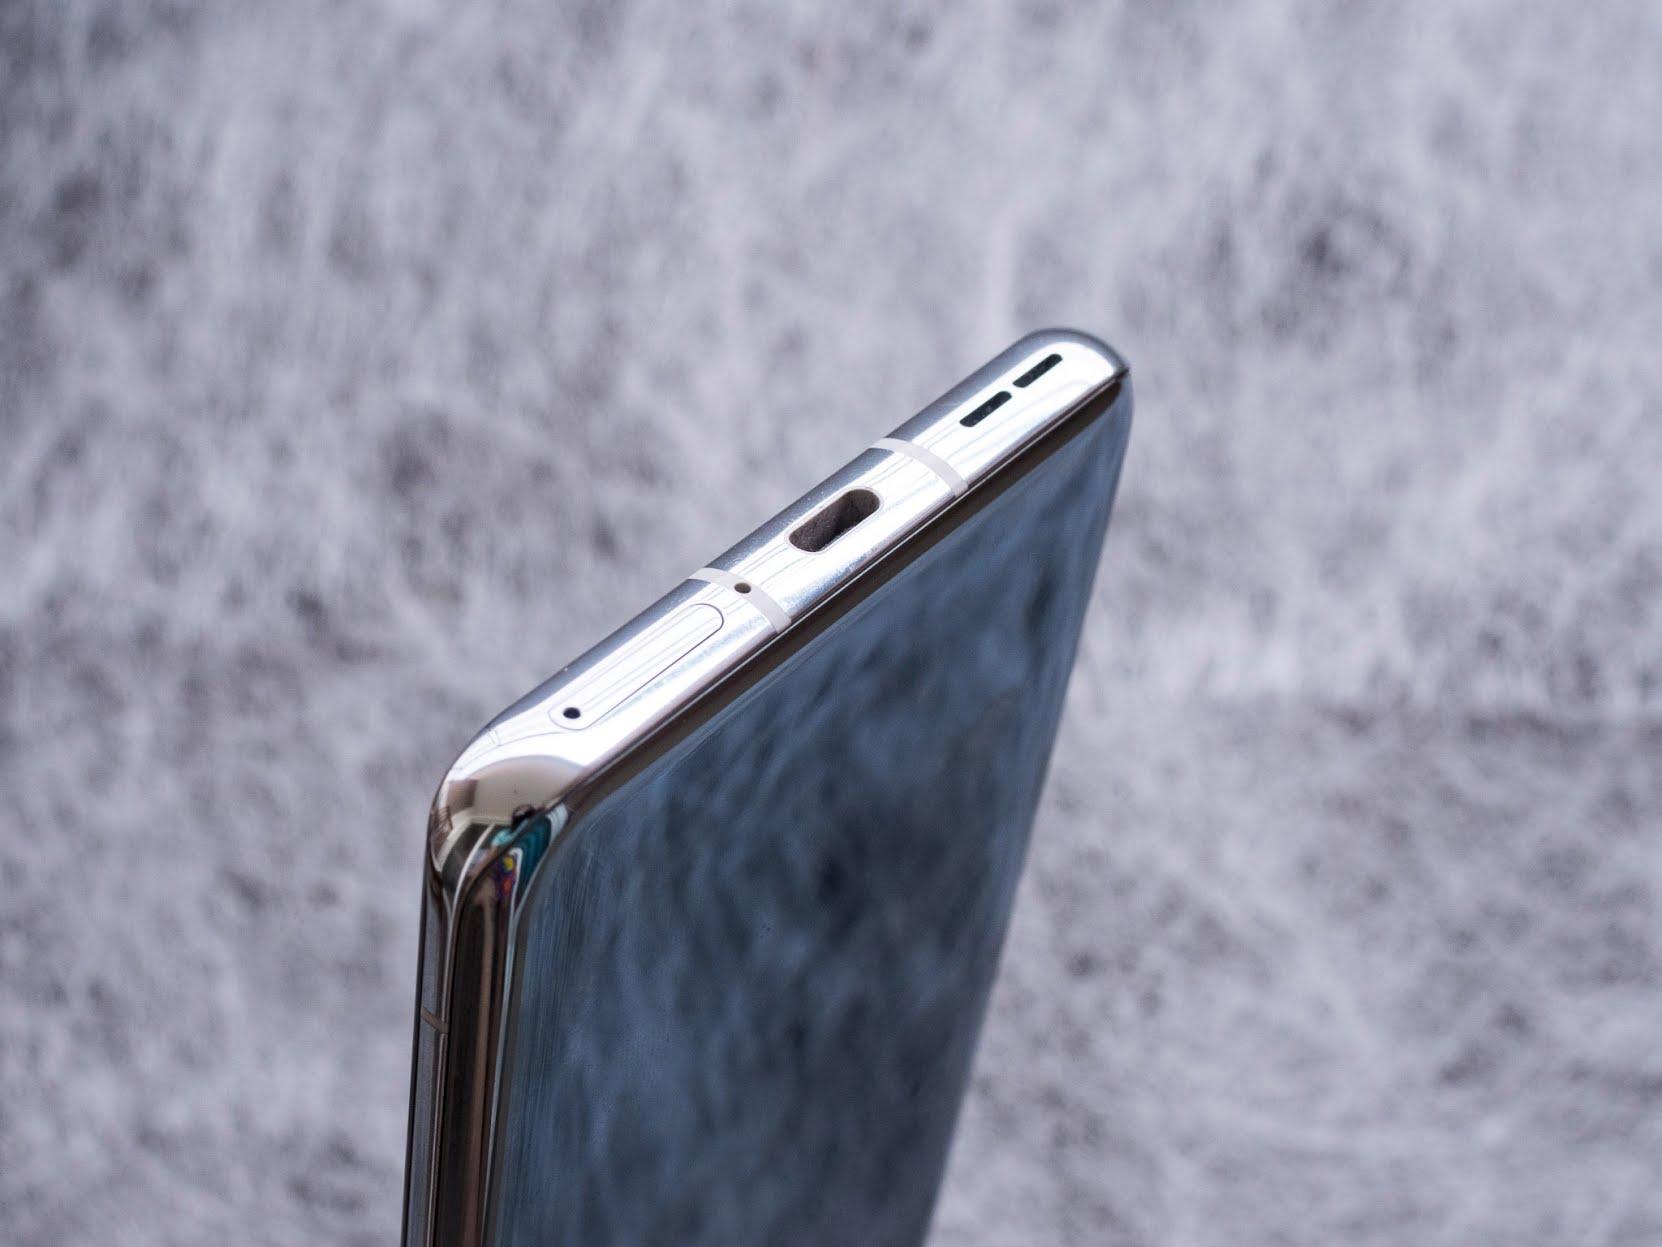 Sforum - Trang thông tin công nghệ mới nhất oneplus-9-pro-36 Cận cảnh OnePlus 9 Pro: Thiết kế vẫn đậm chất OnePlus, camera Hasselblad, hiệu năng top 1 phân khúc, giá 1069 USD